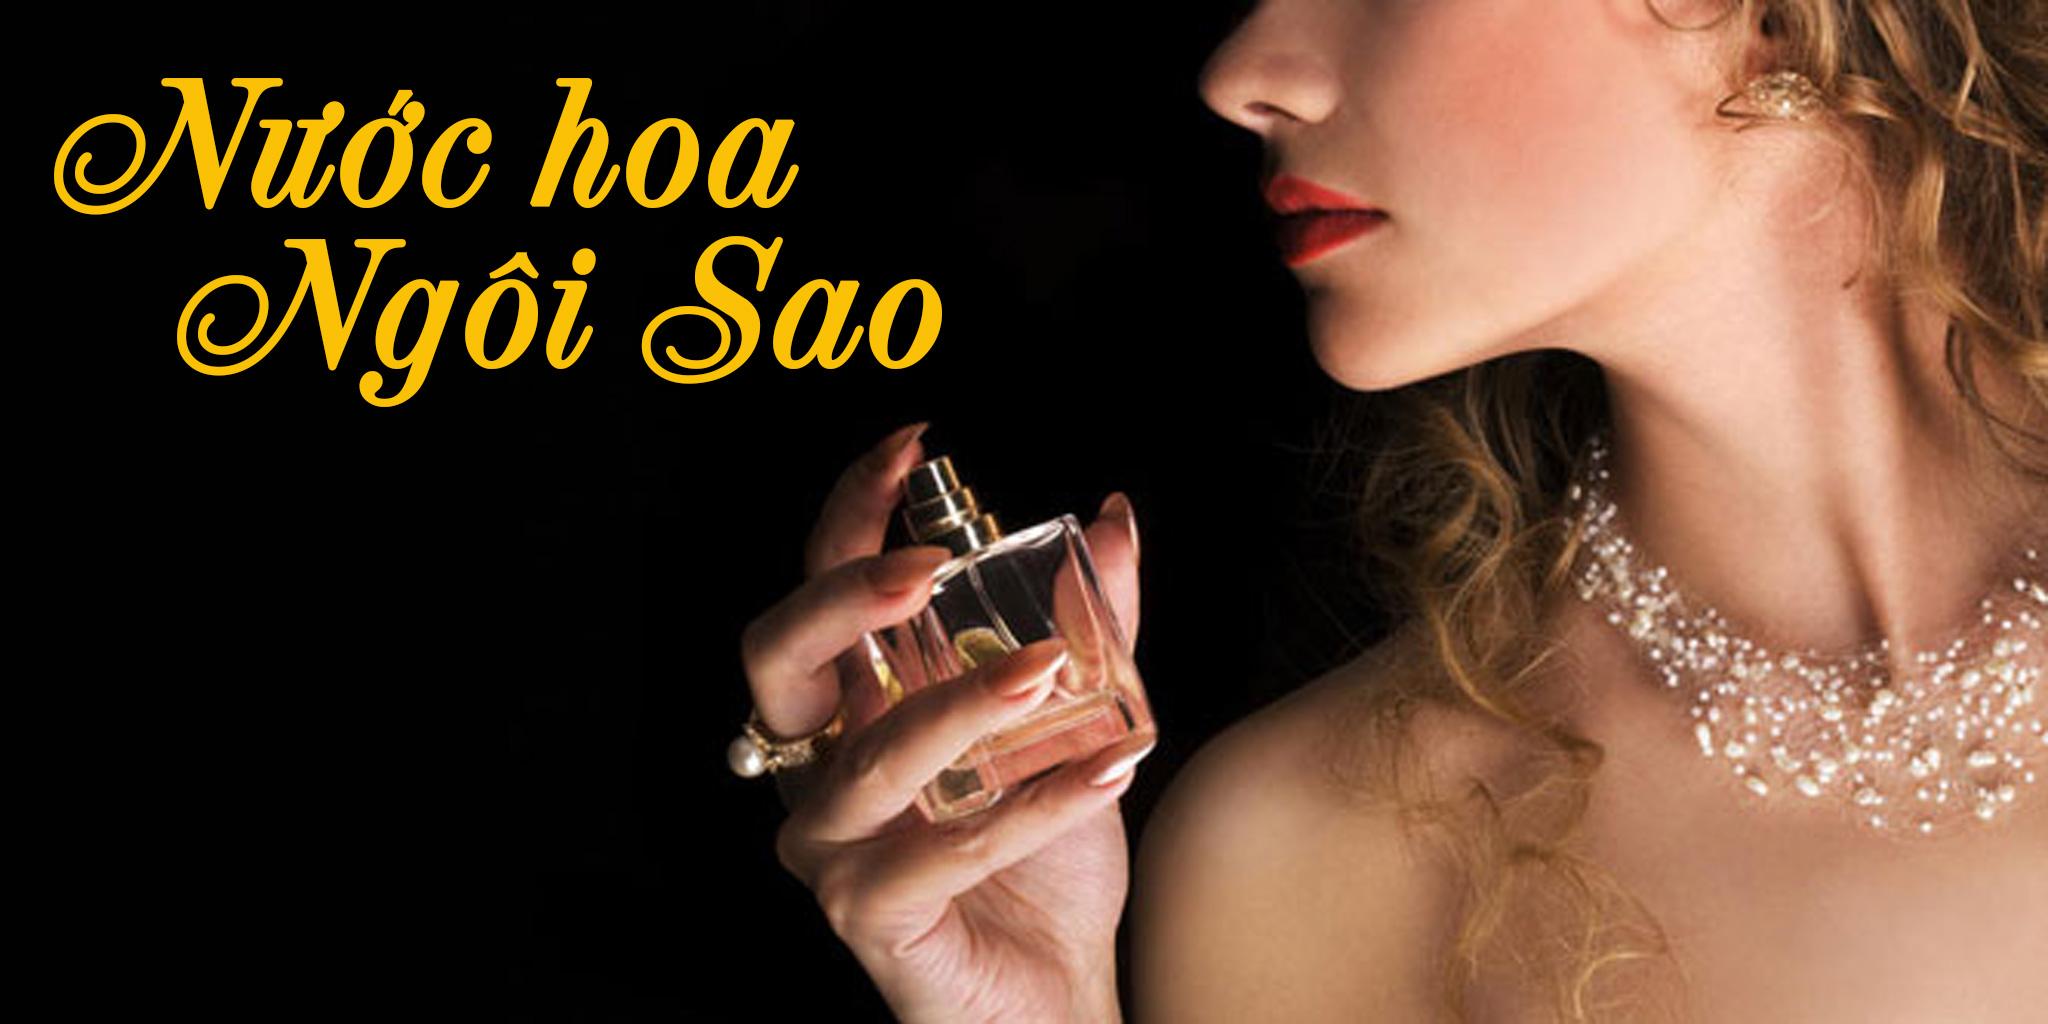 Shop nước hoa Ngôi sao – Nồng nàn và quyến rũ!